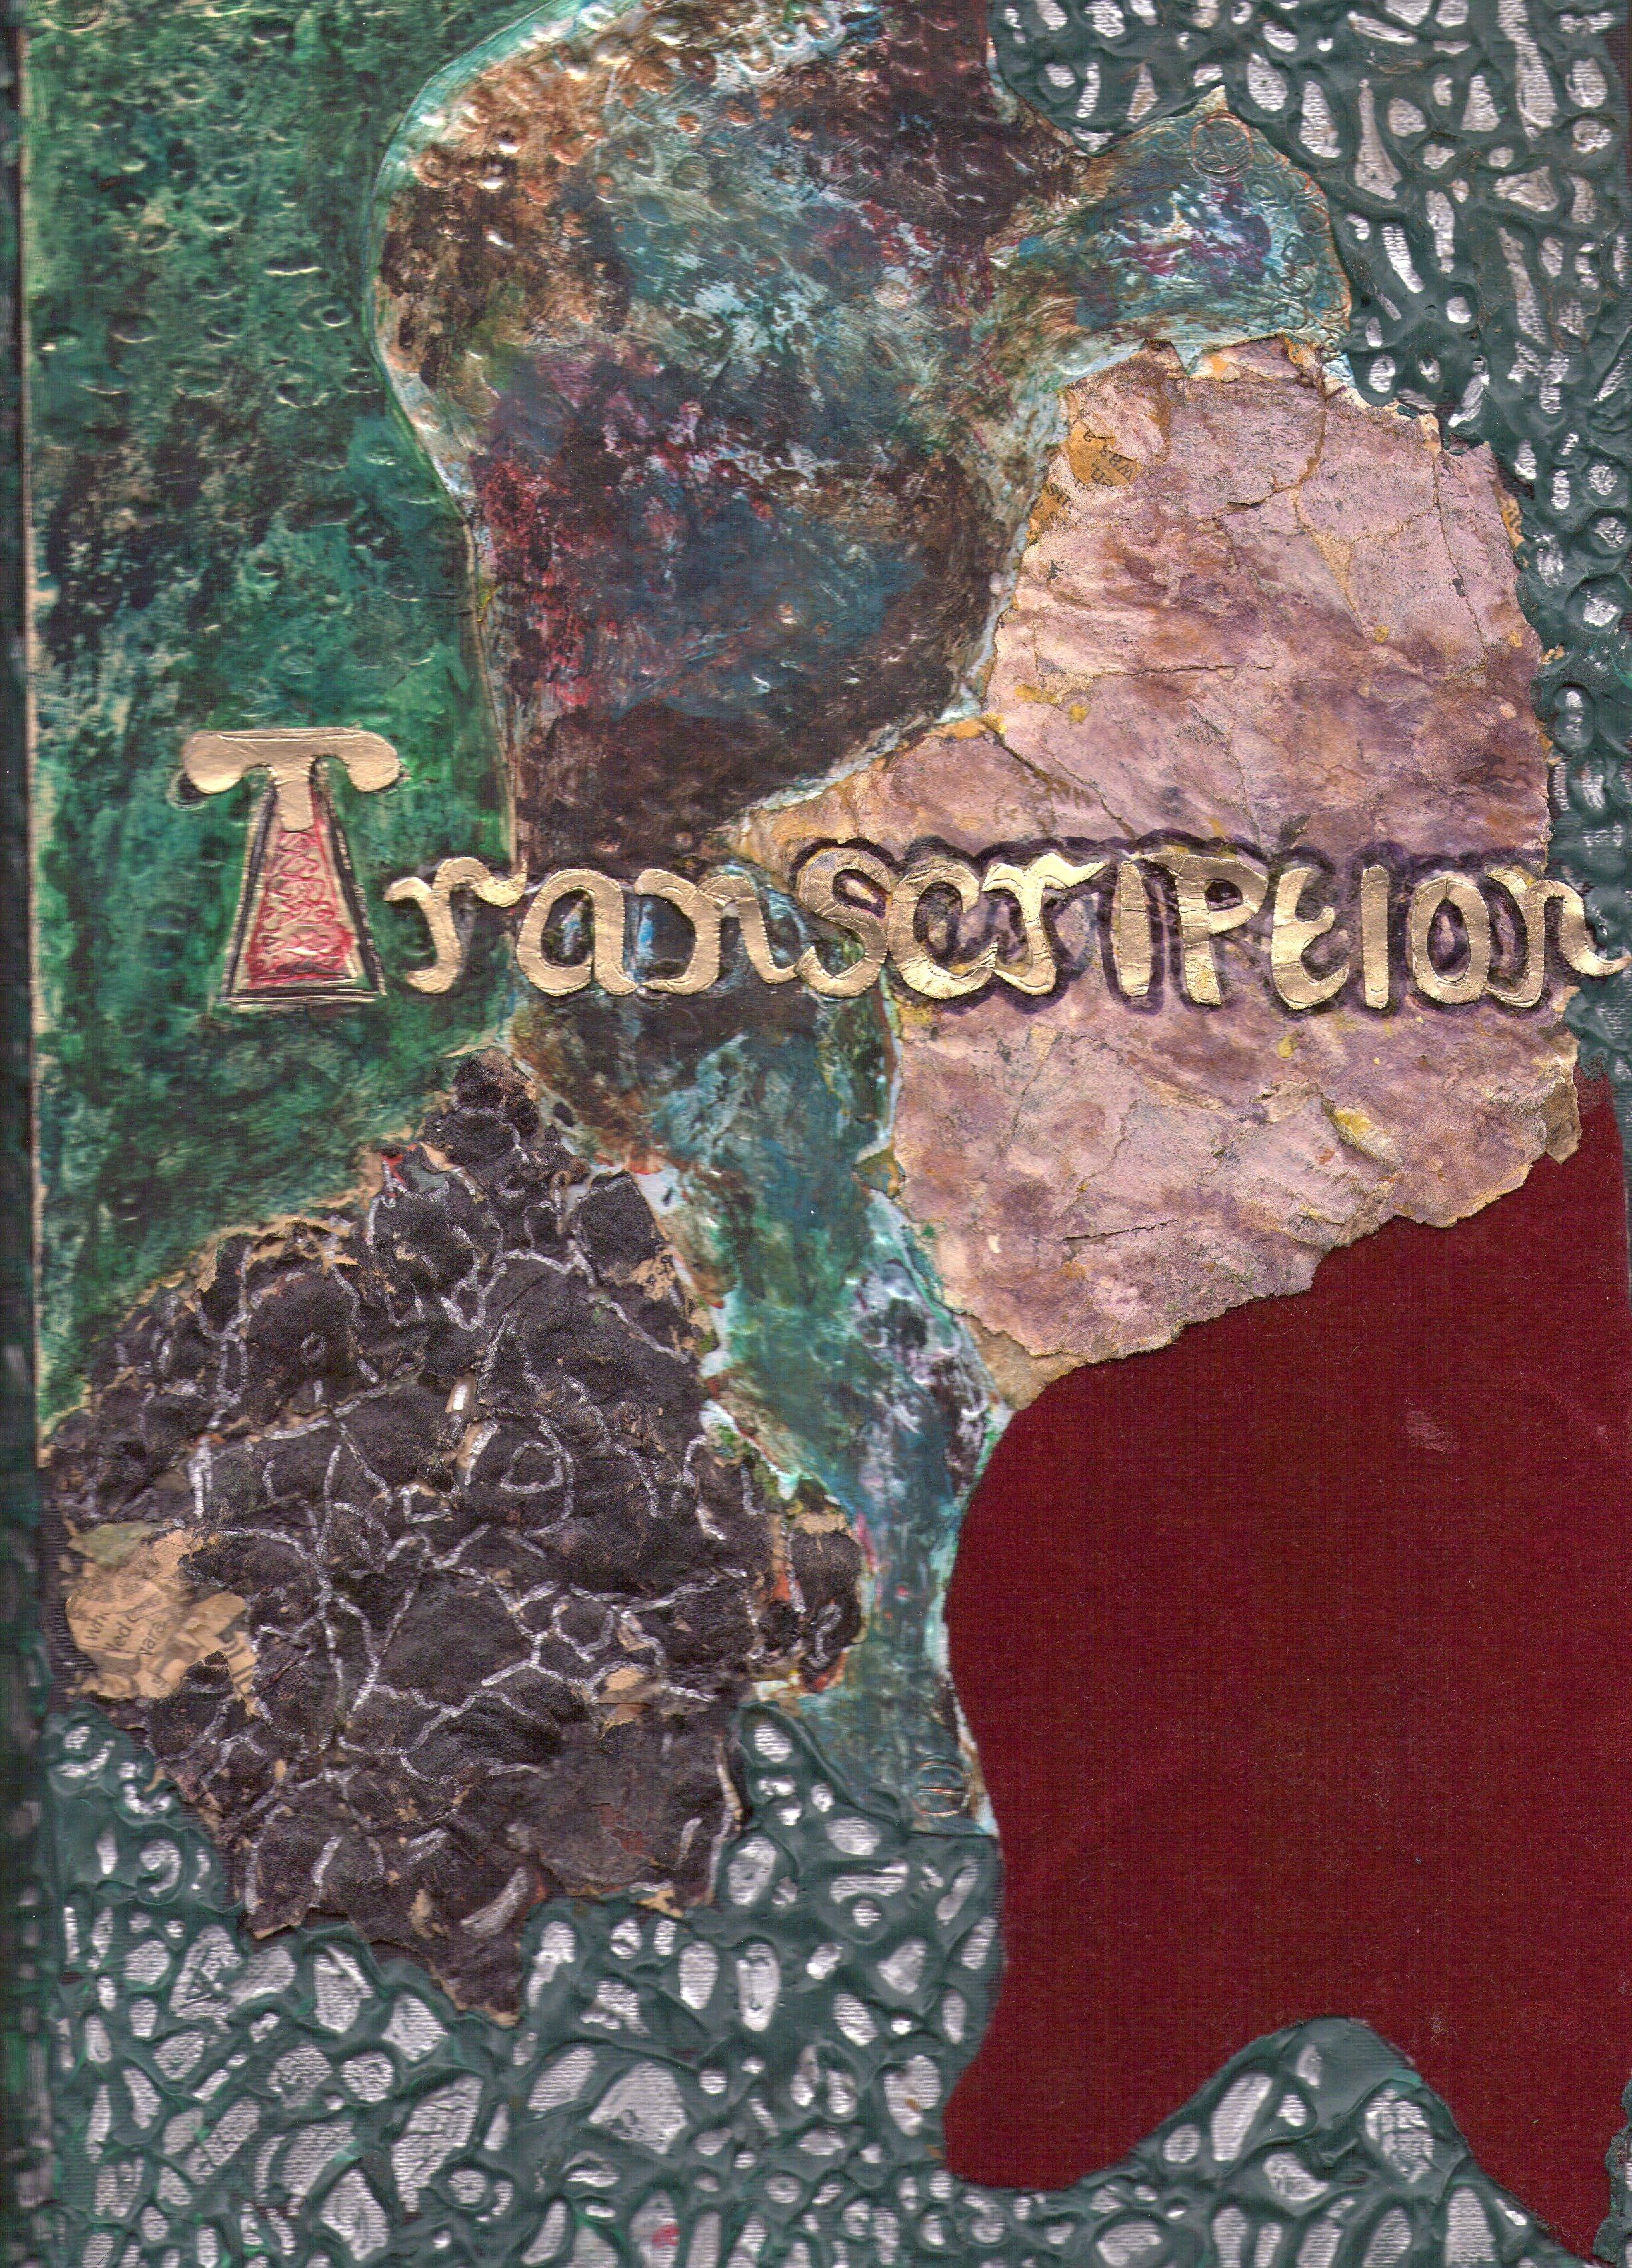 transcription journal